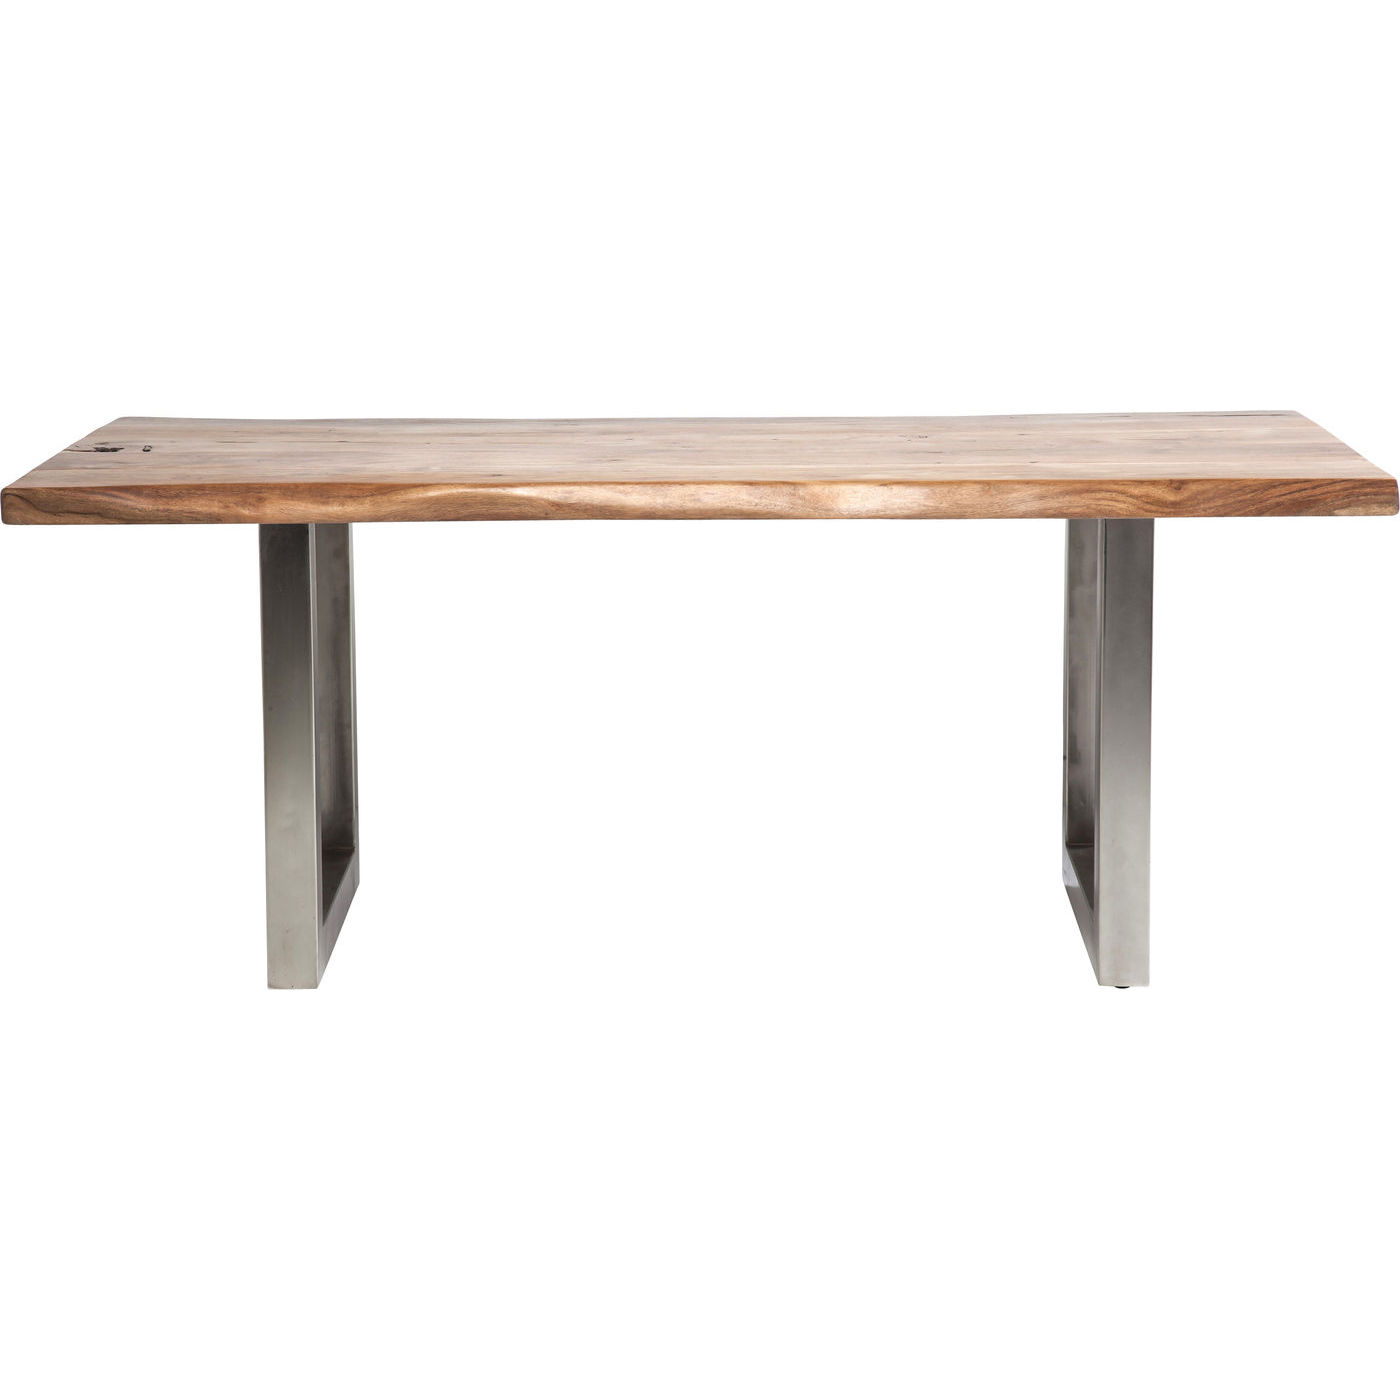 Tisch esstisch holztisch massivholz metallgestell braun for Esstisch massivholz metallgestell